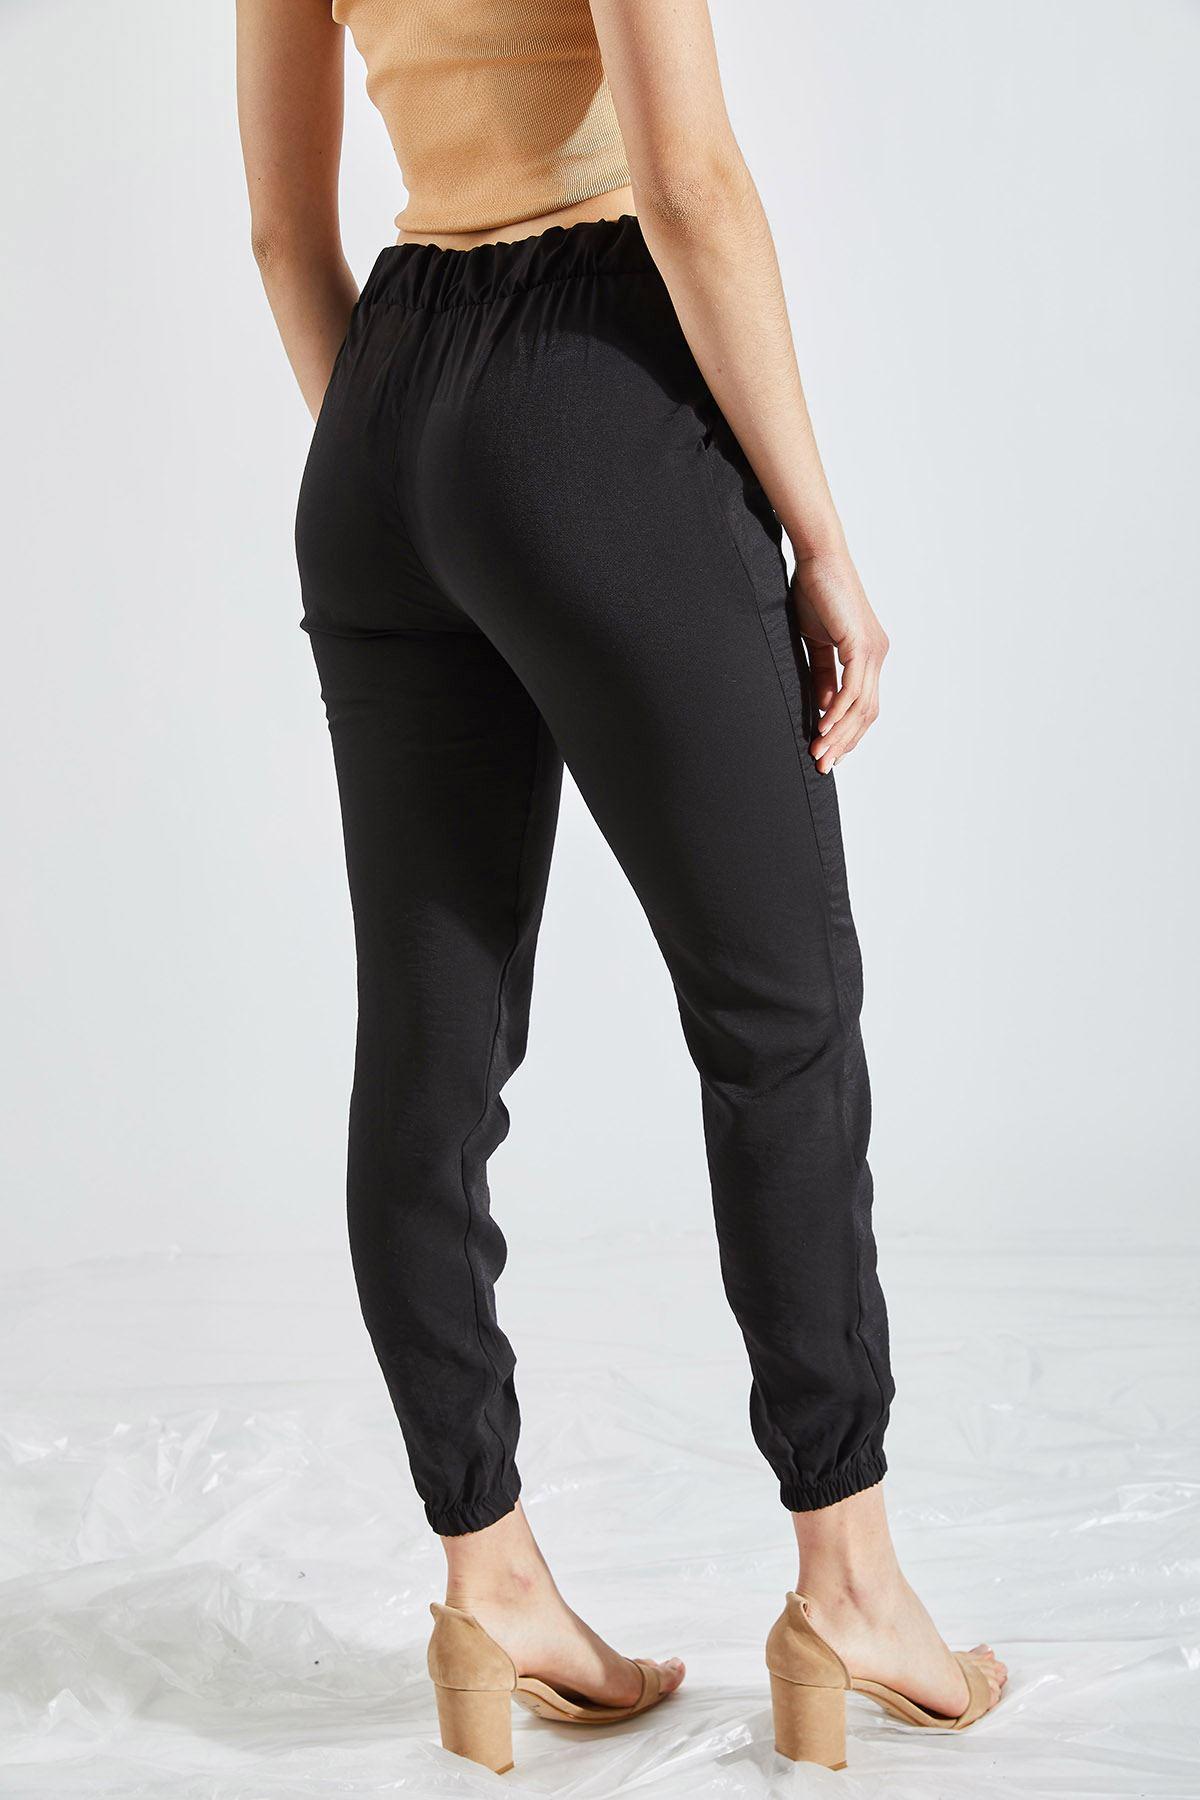 Kadın Cepli Siyah Pantolon